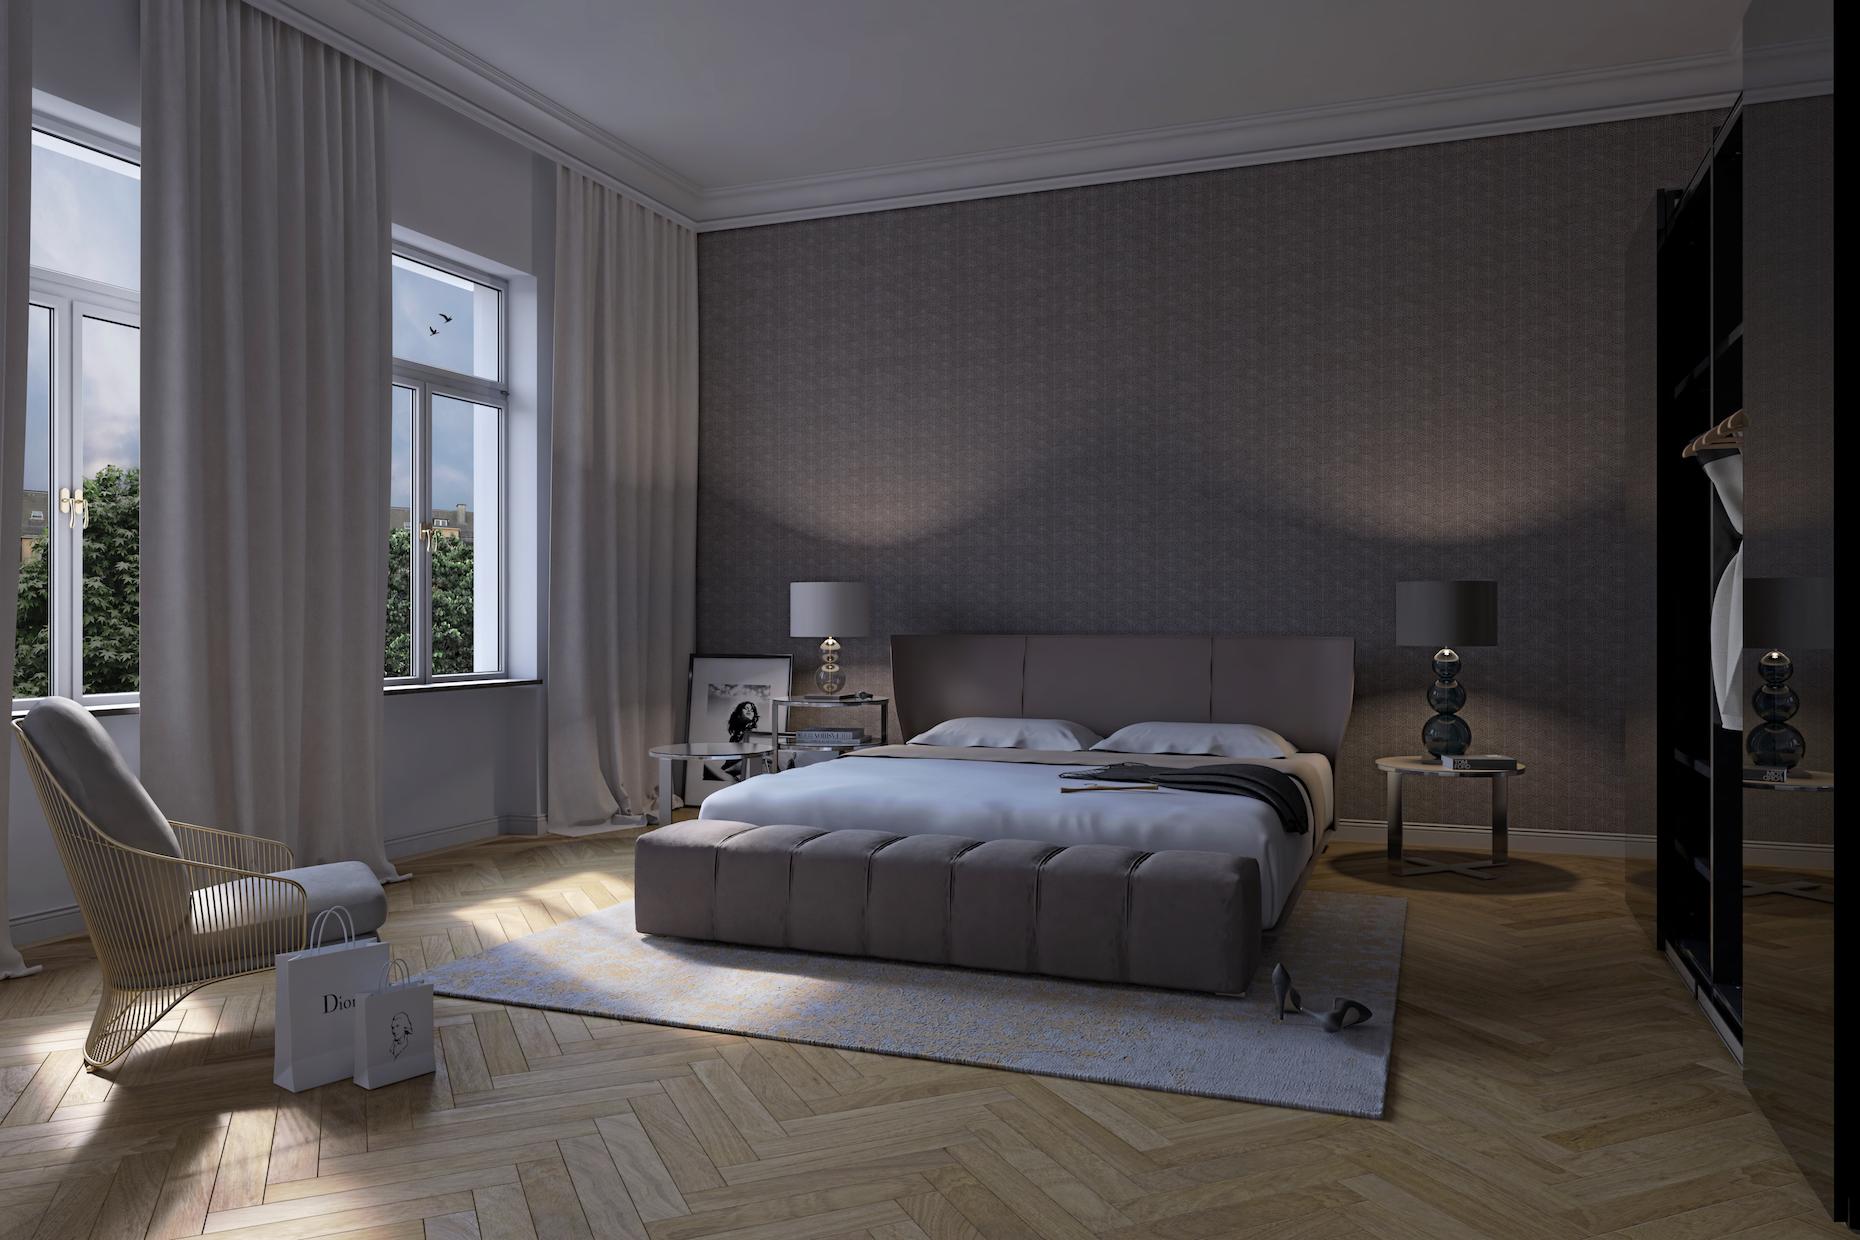 Sir Rumford_Immobilienprojekt Muenchen_Schlafzimmer